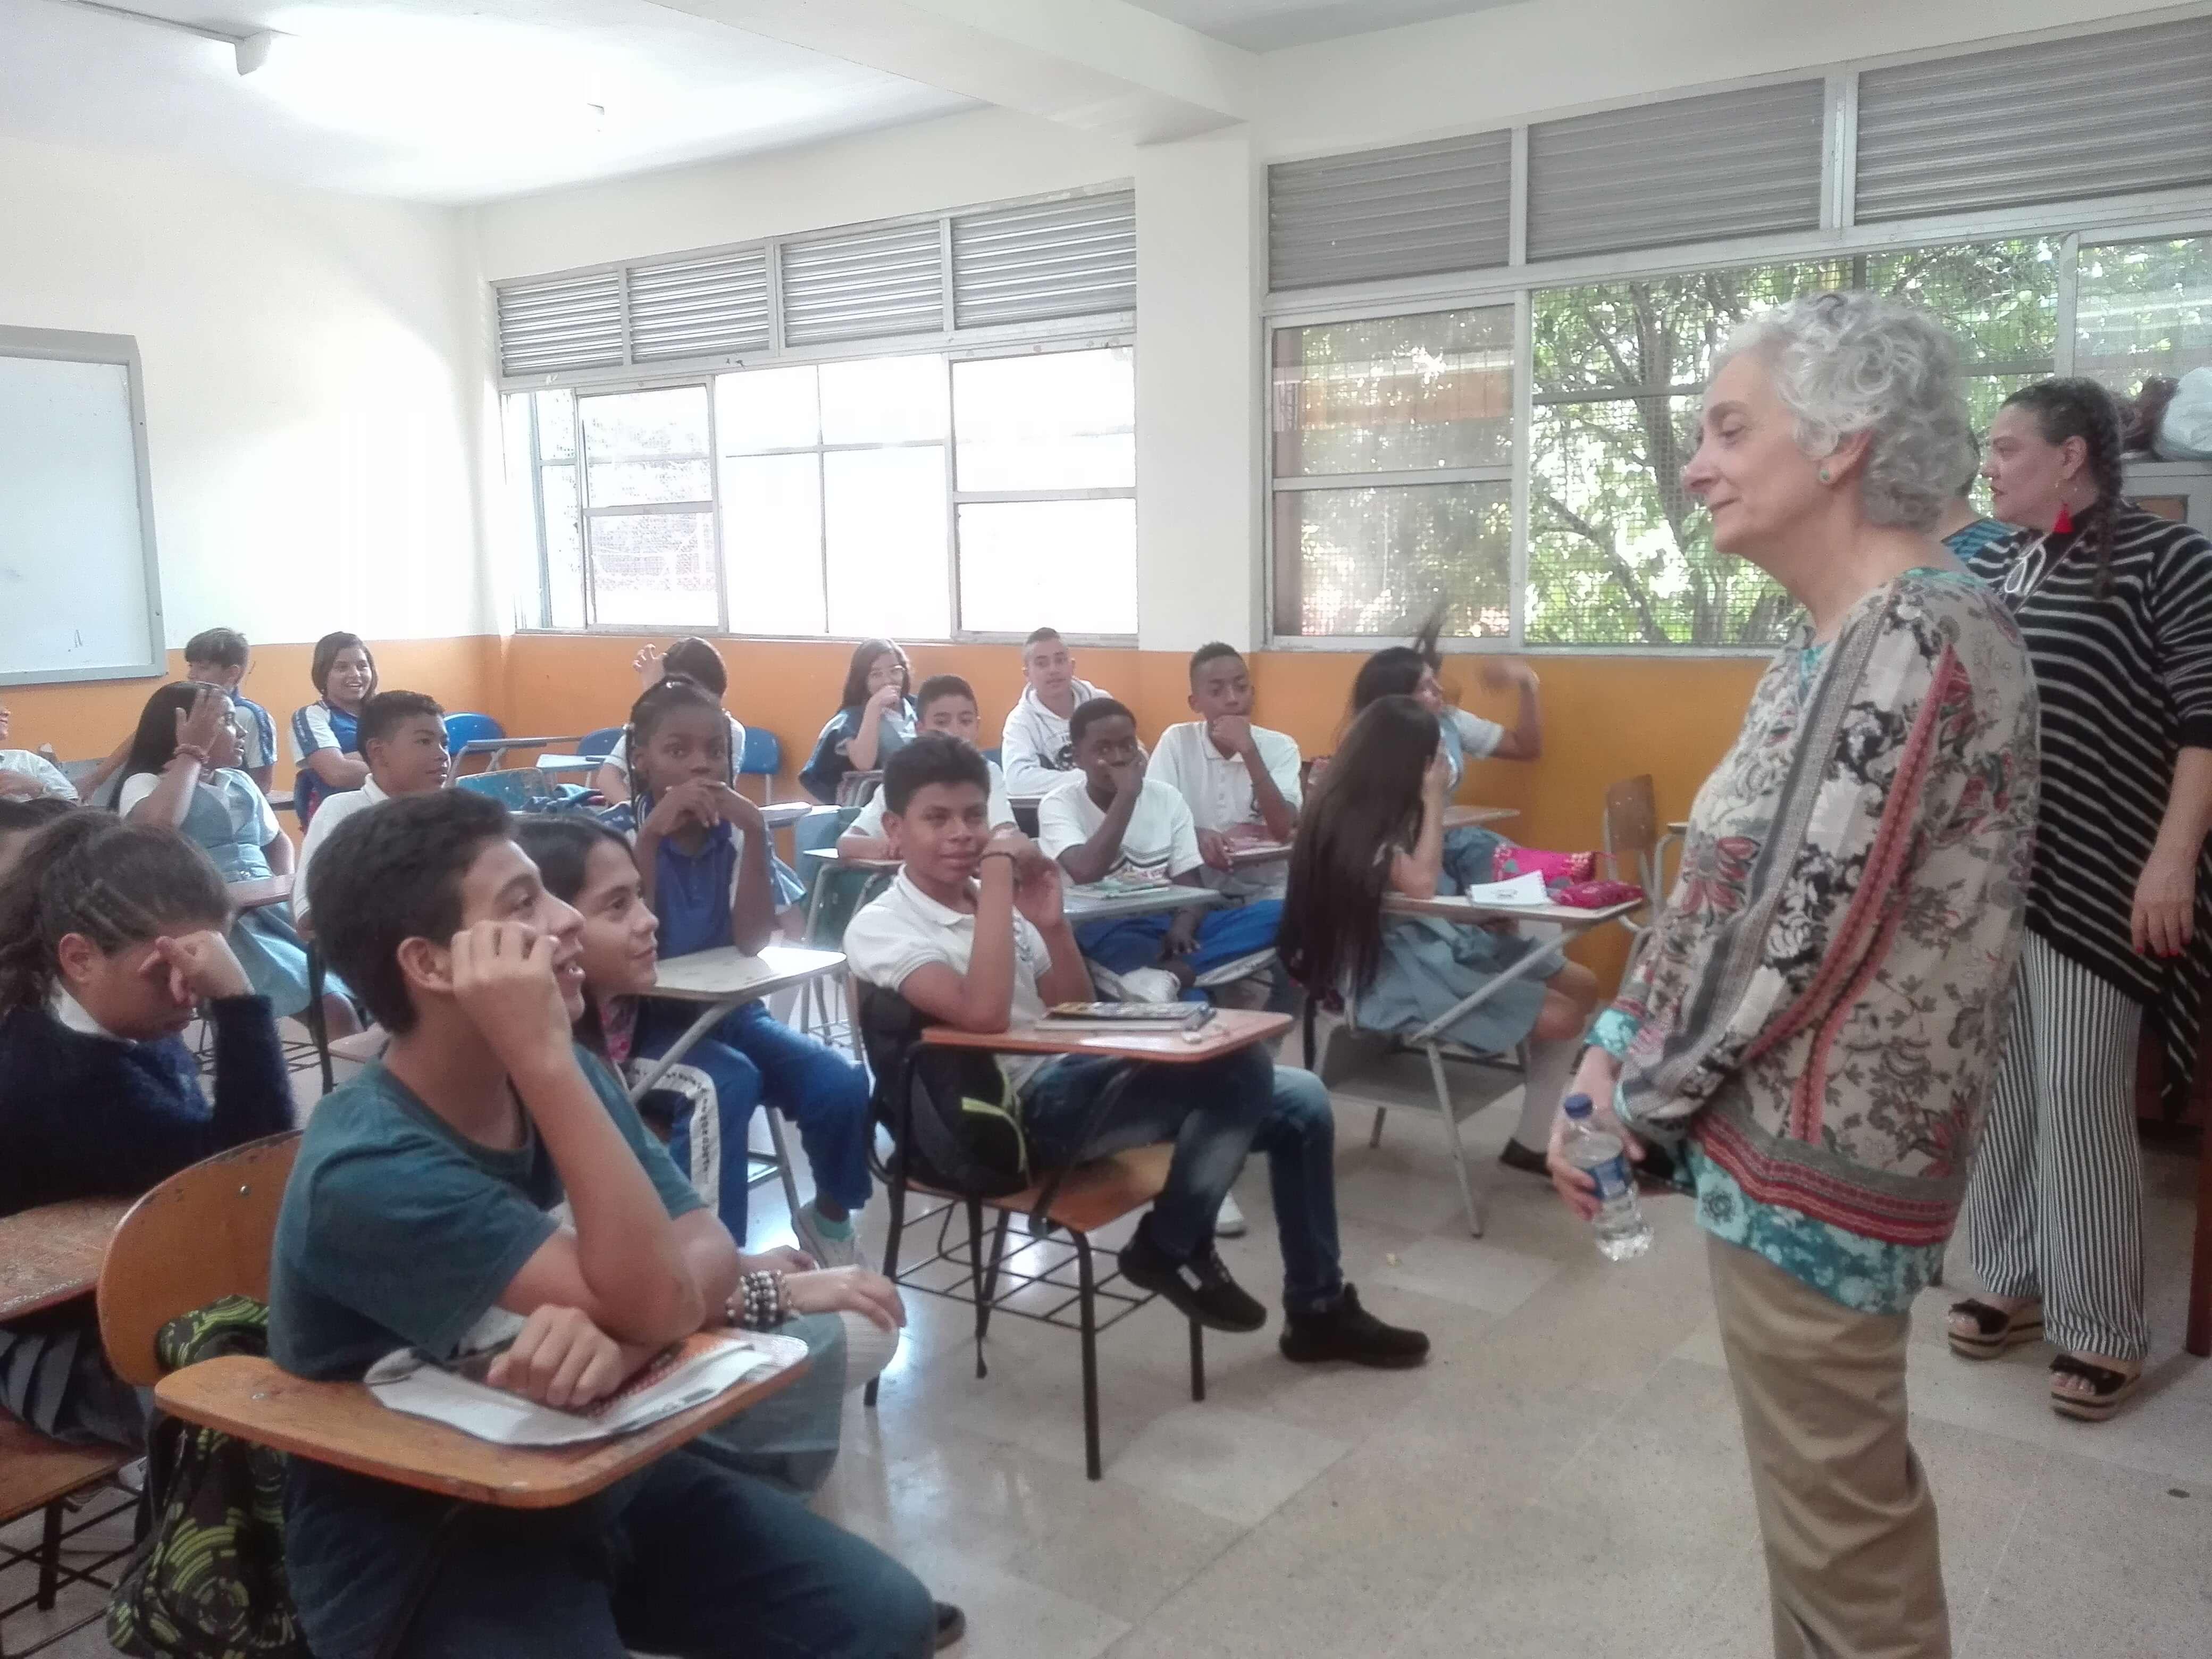 La mujer que mira los guayacanes